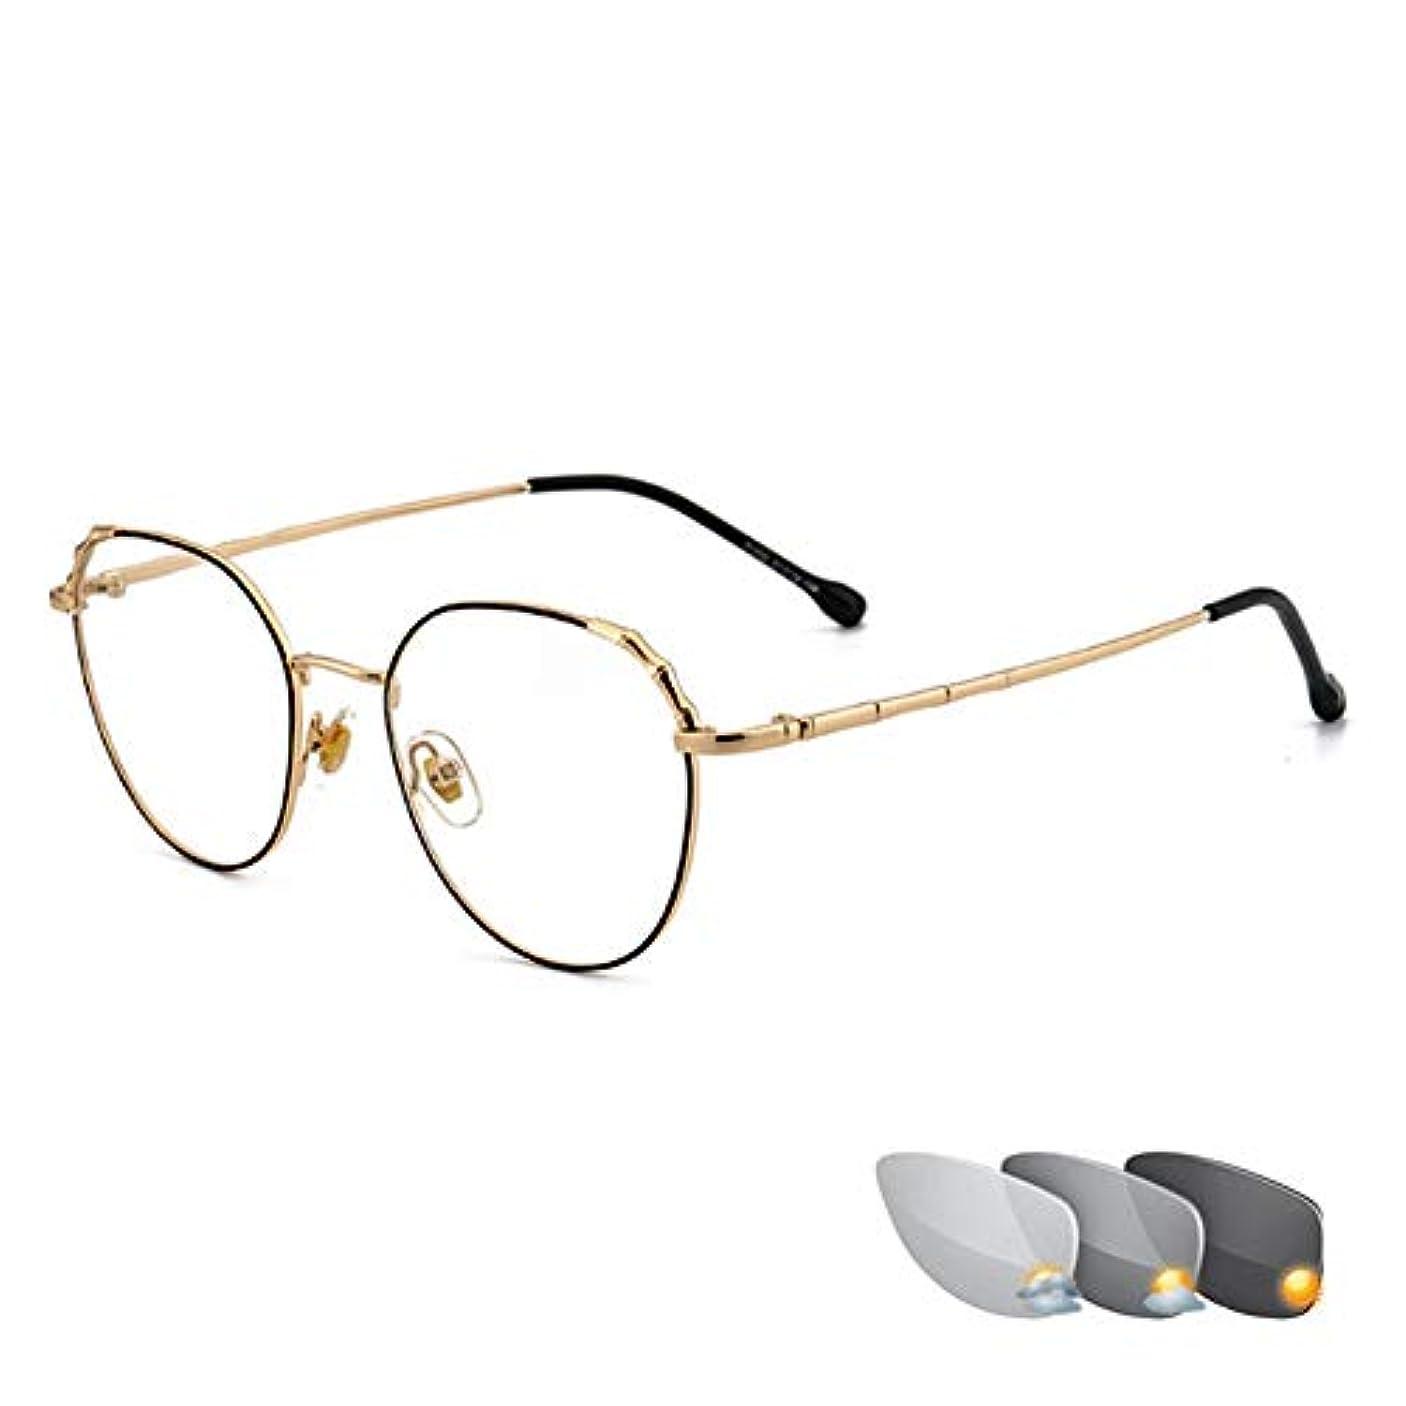 道路内なるソファー近距離および遠距離用のデュアルプログレッシブマルチフォーカス老眼鏡、男女用のスマートフォトクロミックファッションHDメガネ、アンチブルー放射線ゴーグル